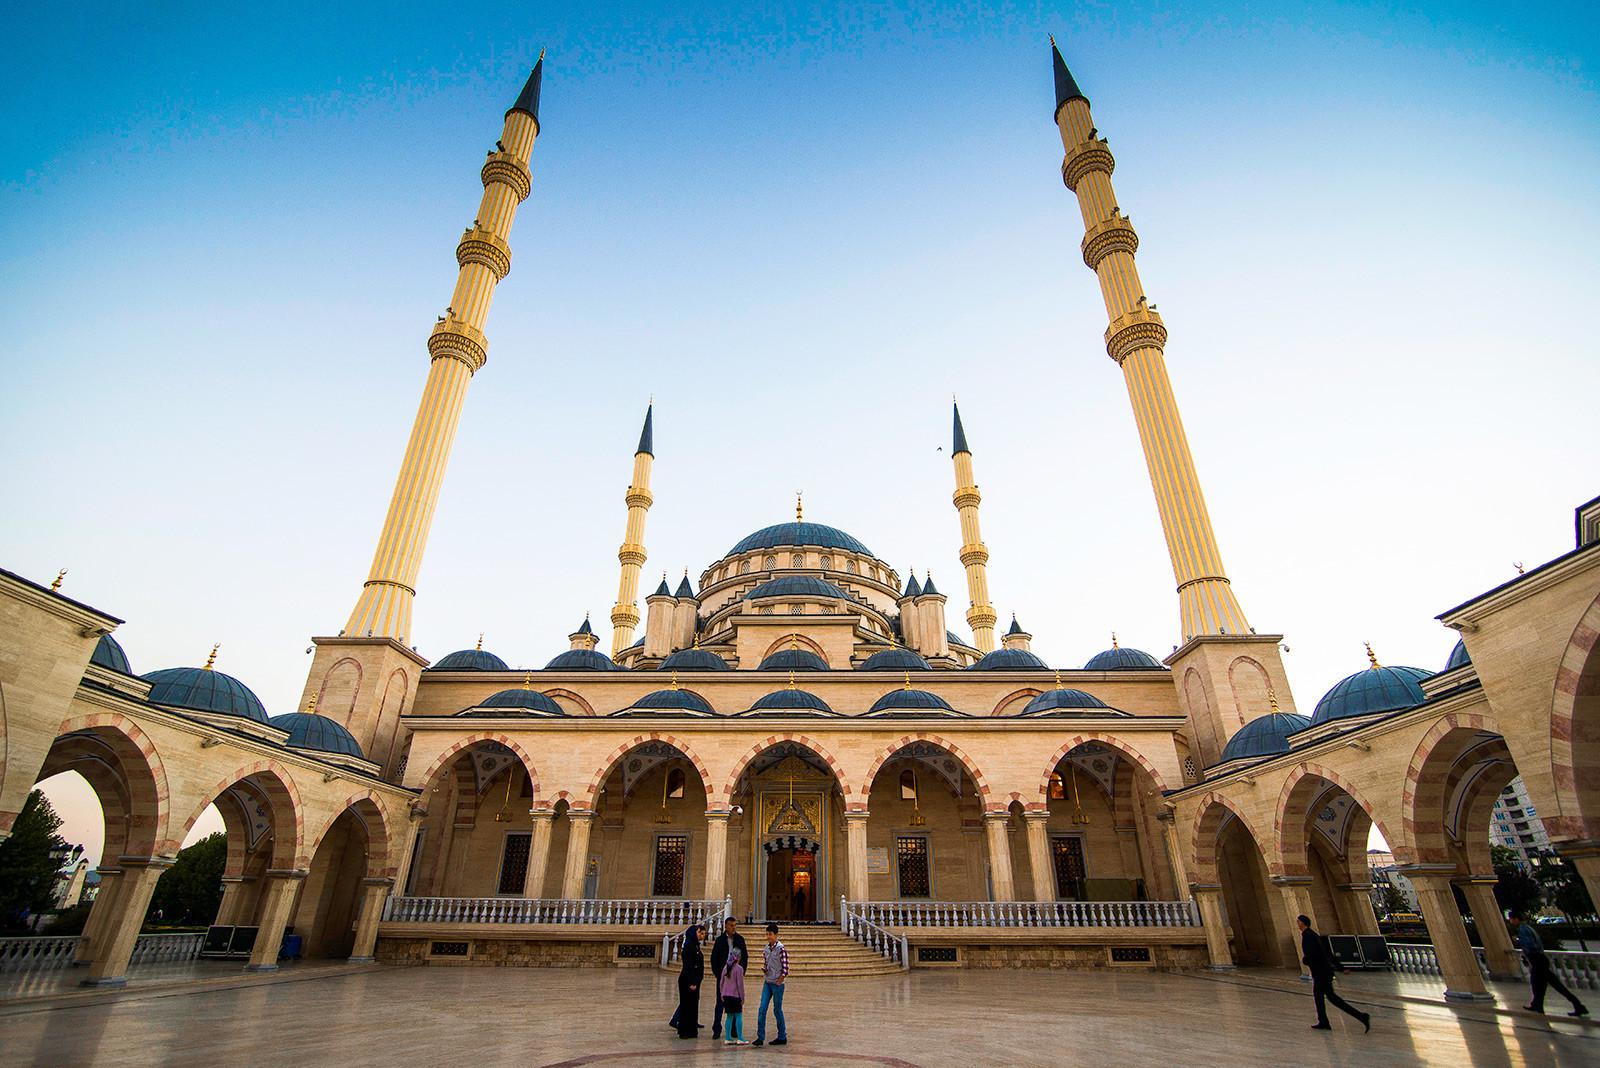 џамија Срце Чеченије